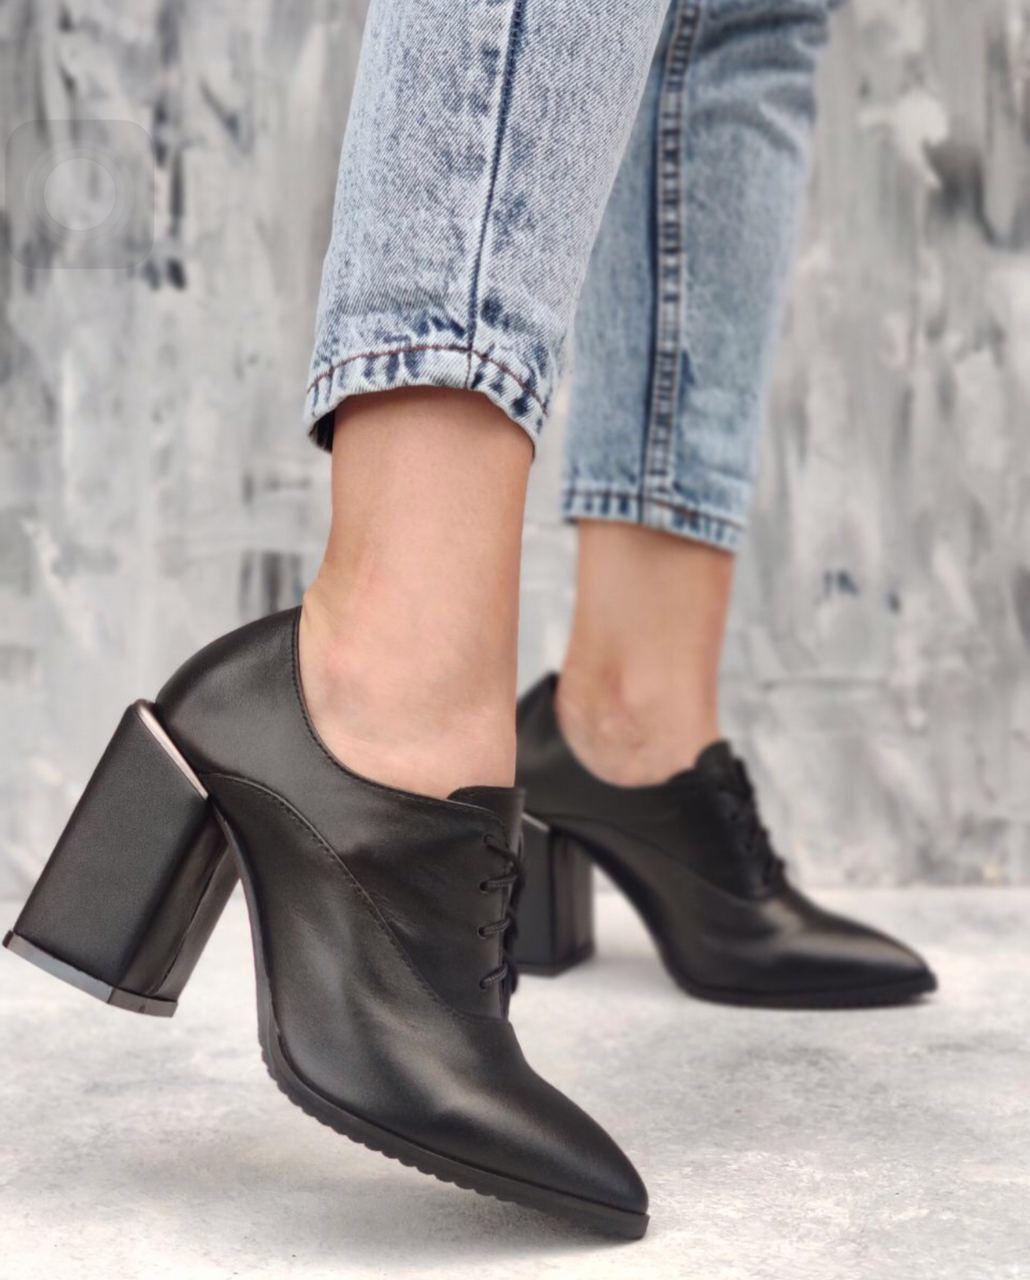 Дерзкие демисезонные туфли на широком каблуке 8см с острым носом размеры 36-41